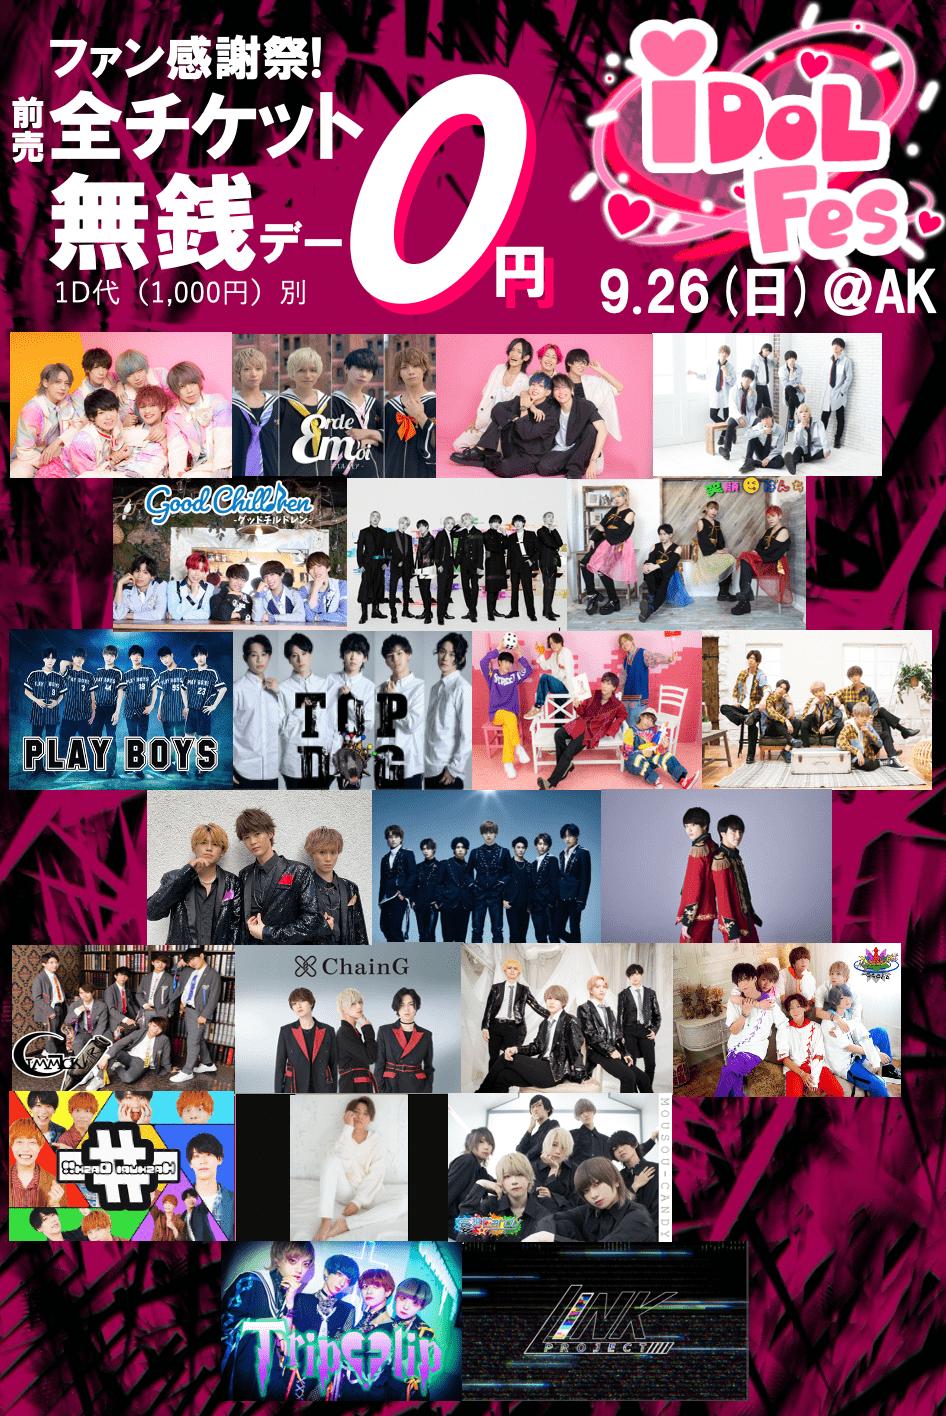 9/26(日) iDoL Fes. 〜ファン感謝祭! 無銭Day!〜